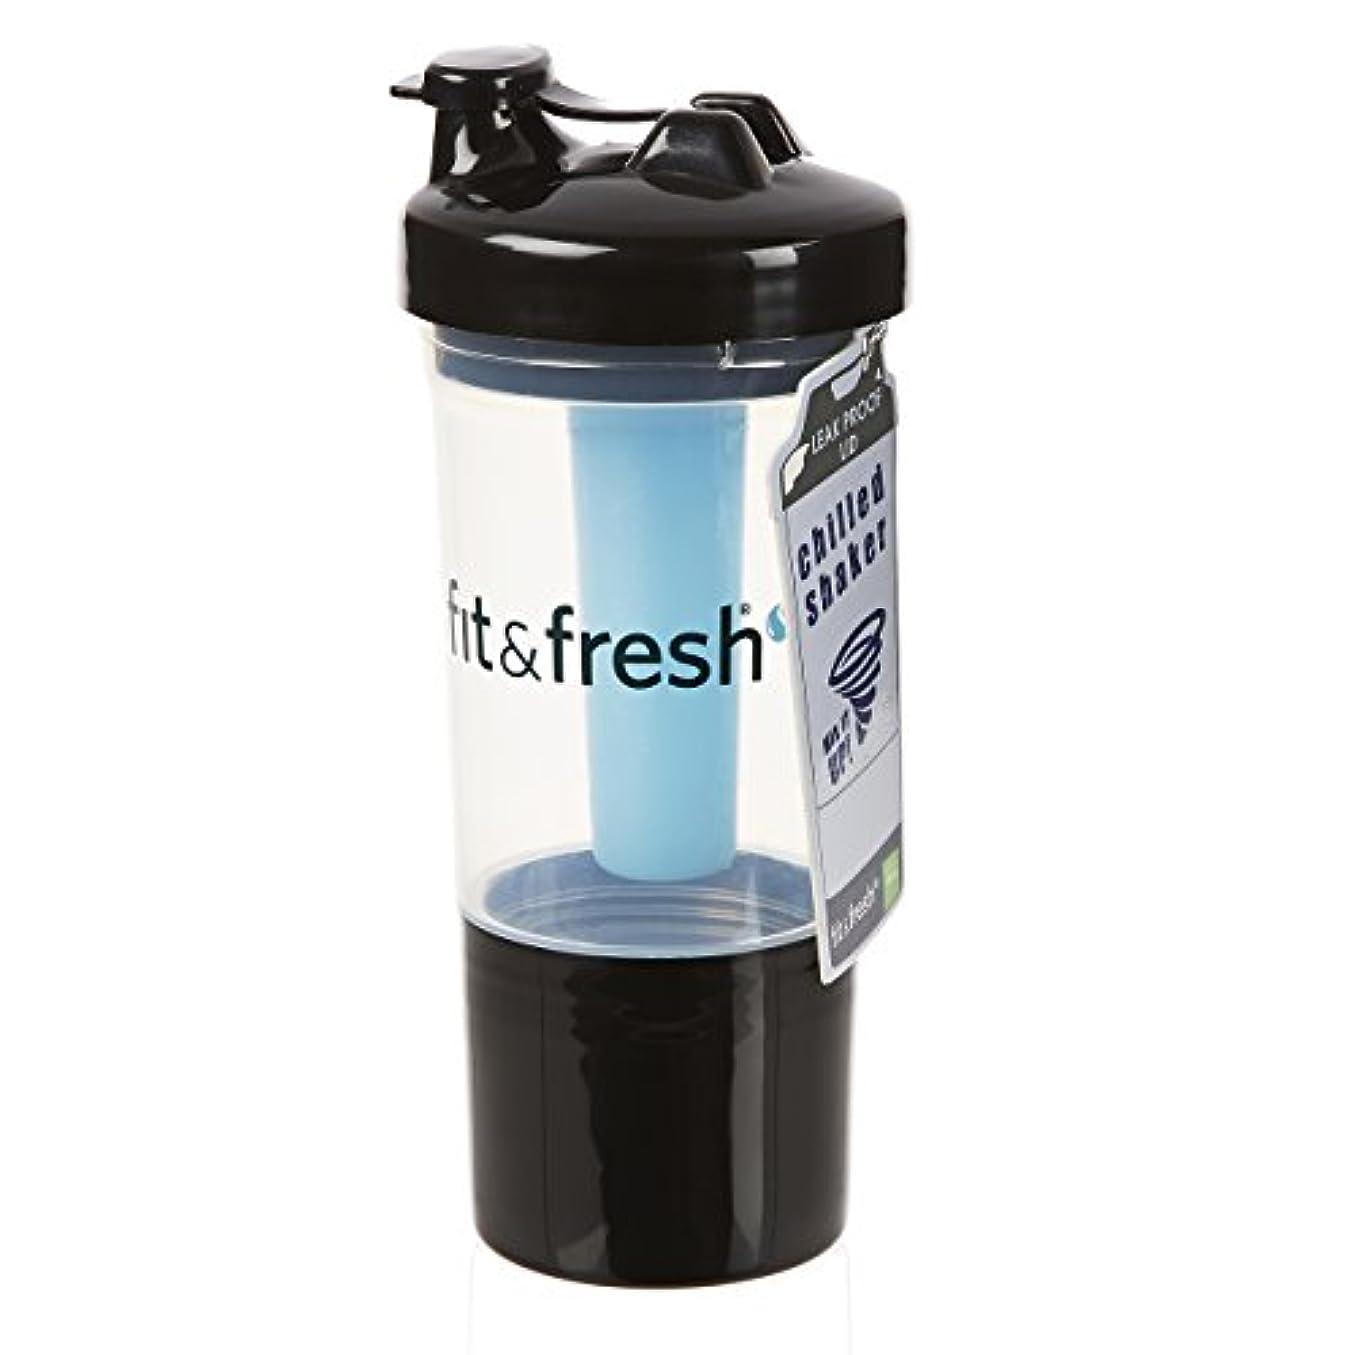 動物立場魂Fit & Fresh, CleanTek, Shaker Cup with Ice Wand Agitator & Storage Cup, 1 Cup